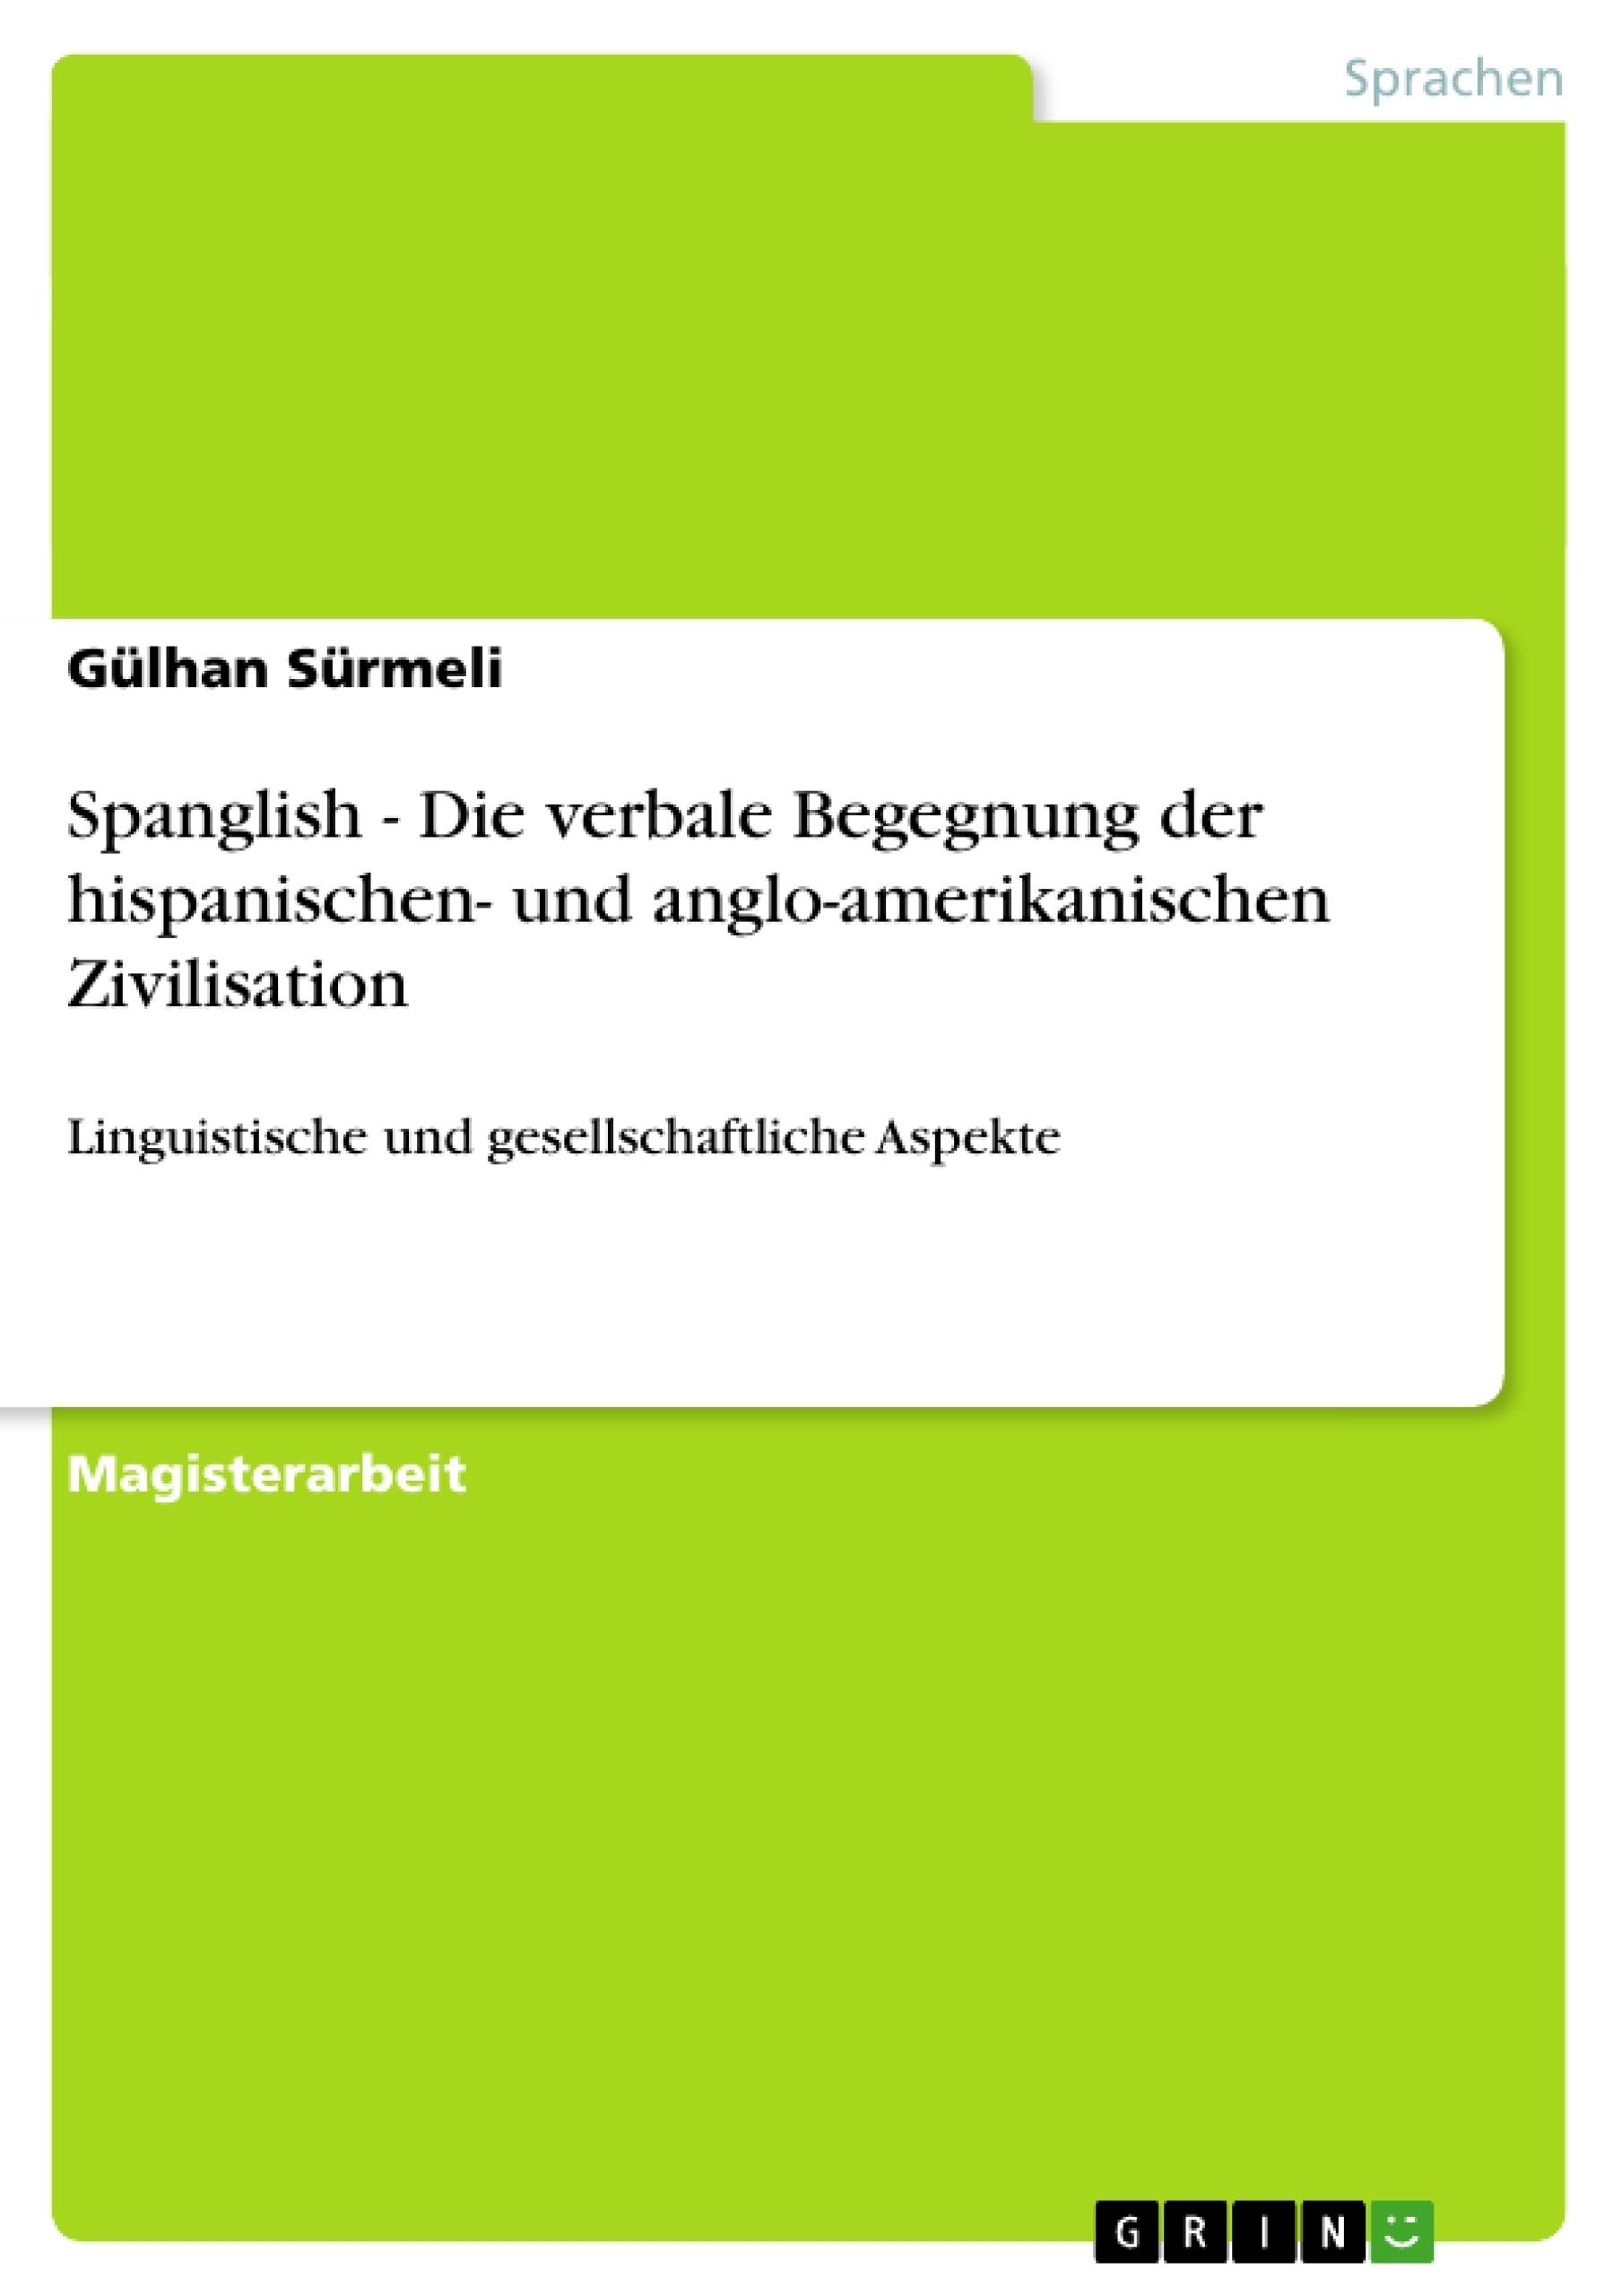 Titel: Spanglish - Die verbale Begegnung der hispanischen- und anglo-amerikanischen Zivilisation